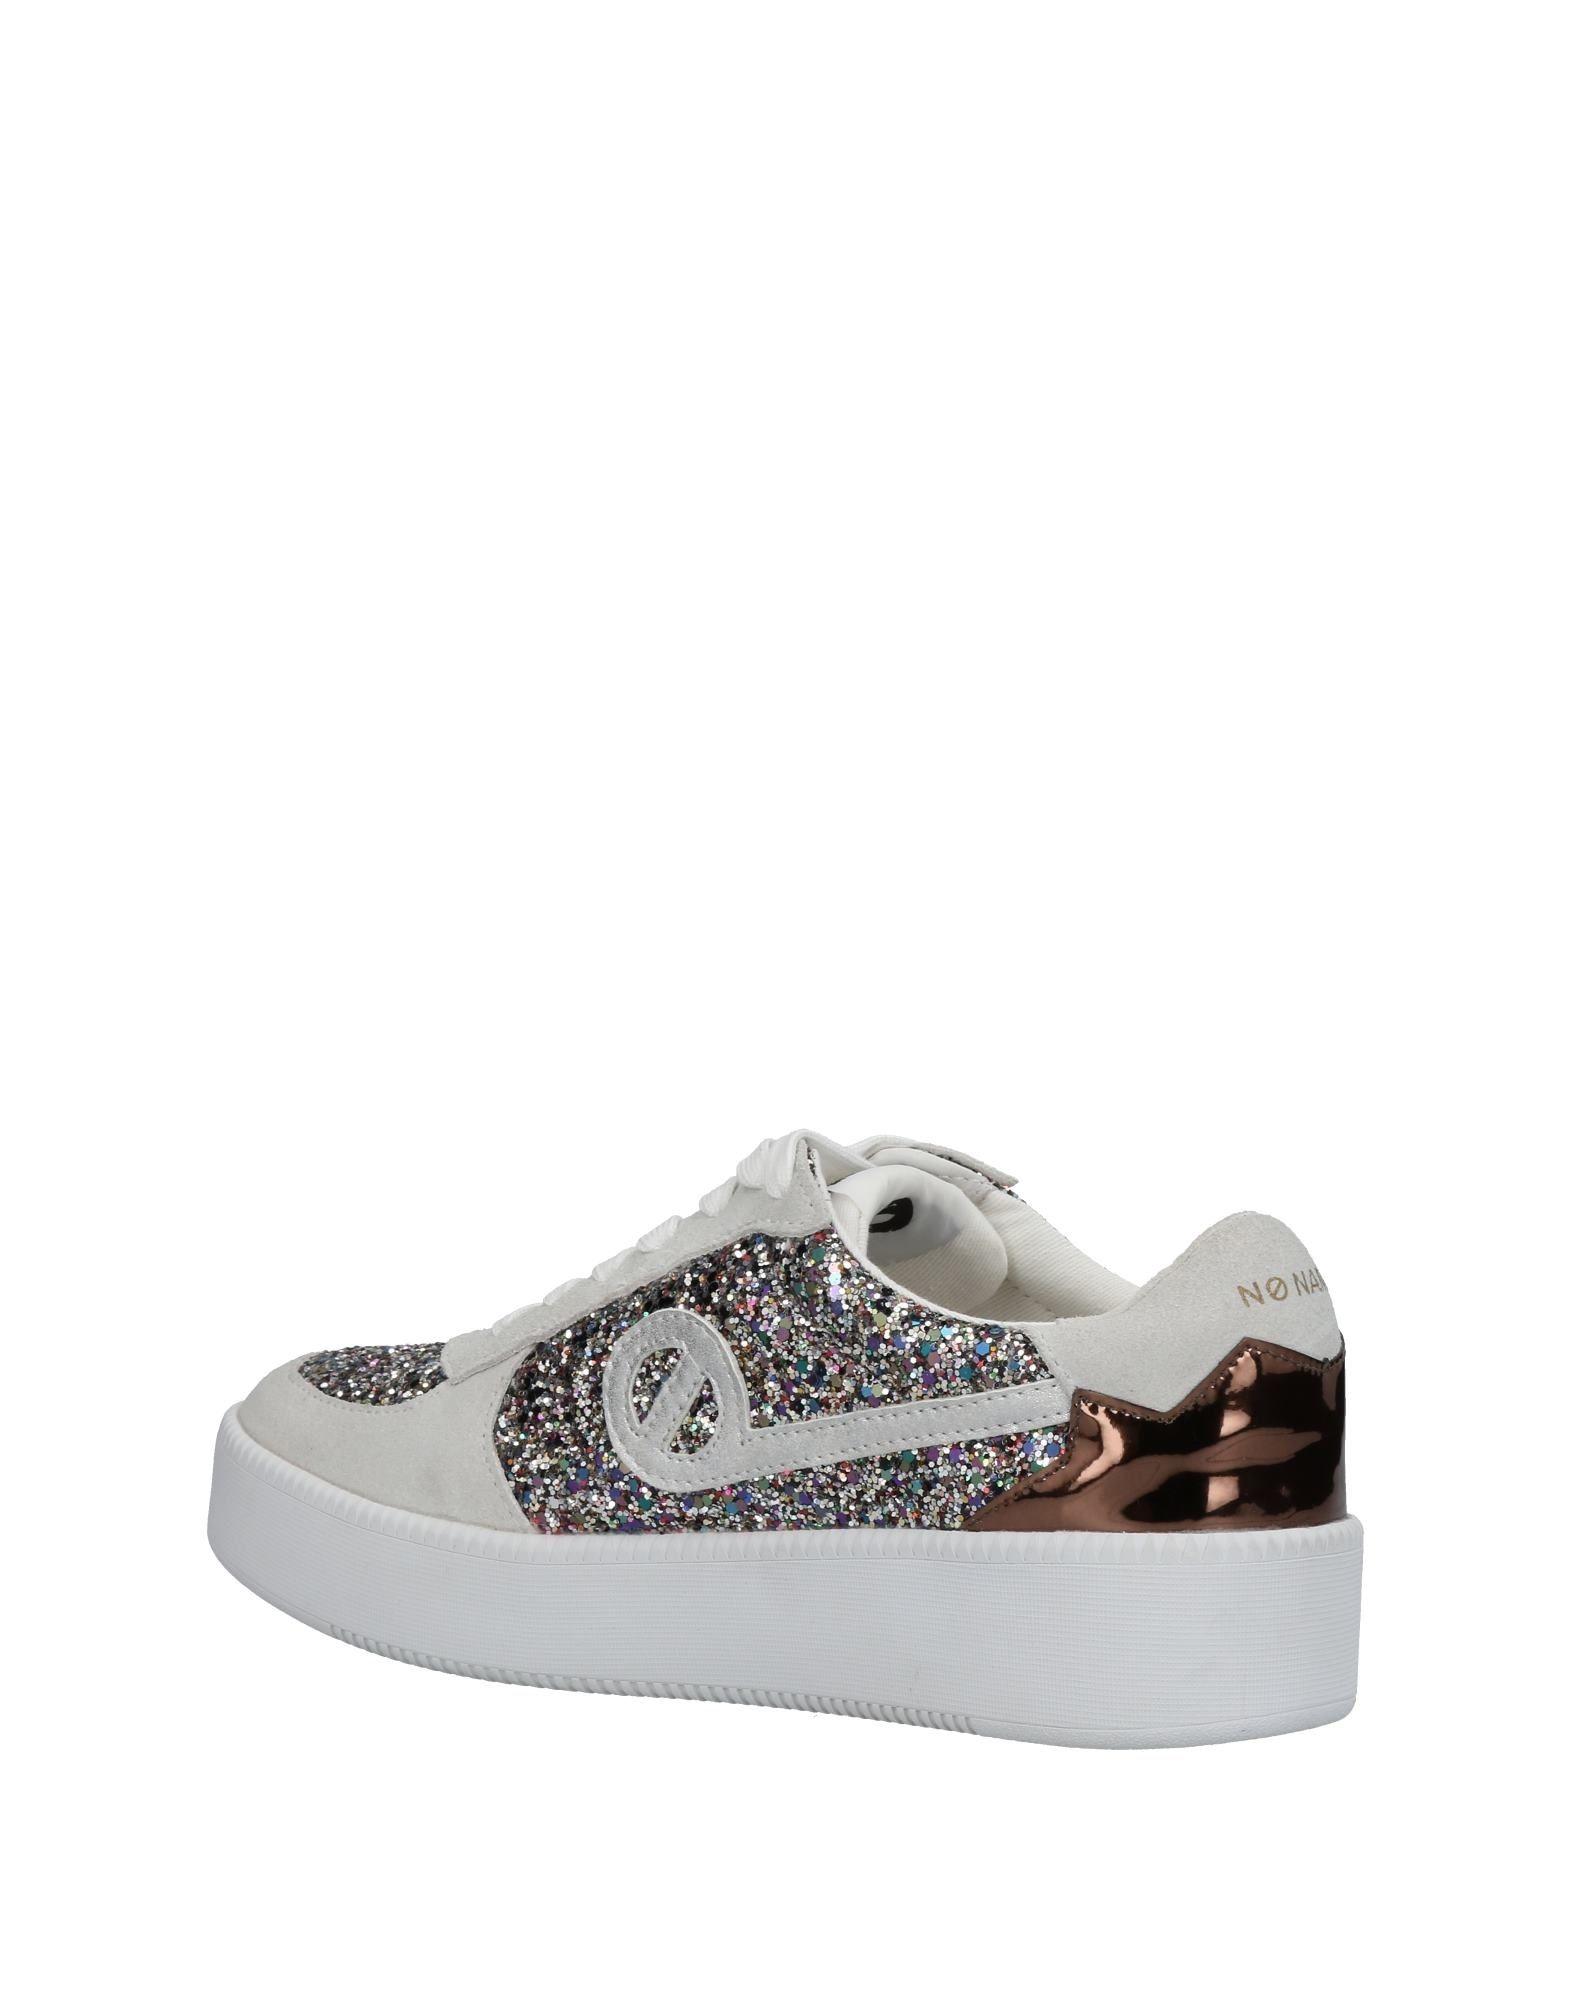 No Name Sneakers Damen sich Gutes Preis-Leistungs-Verhältnis, es lohnt sich Damen 3885 abe593